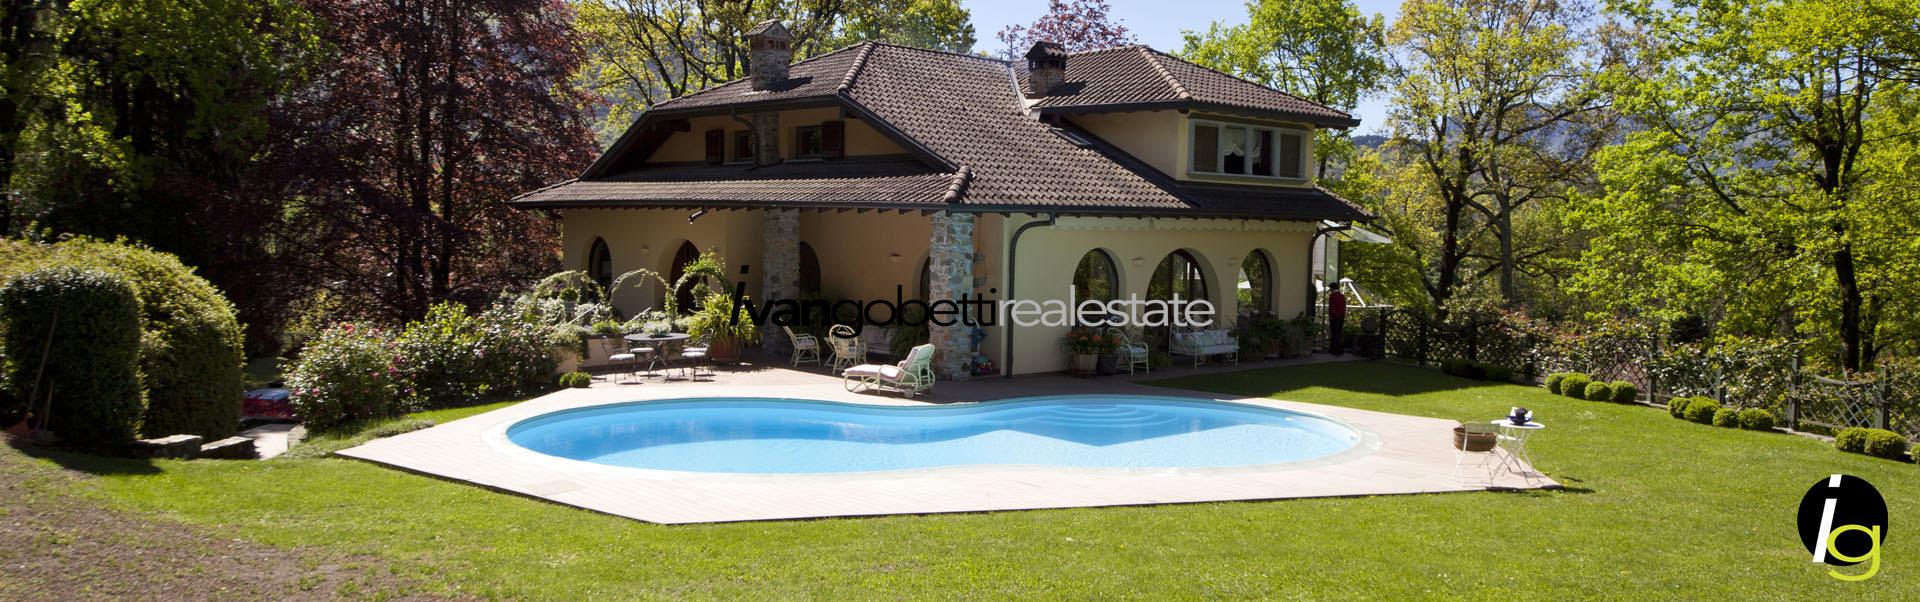 Sis real estate agenzia immobiliare solo ville di lusso in italia - Ville in vendita con piscina ...